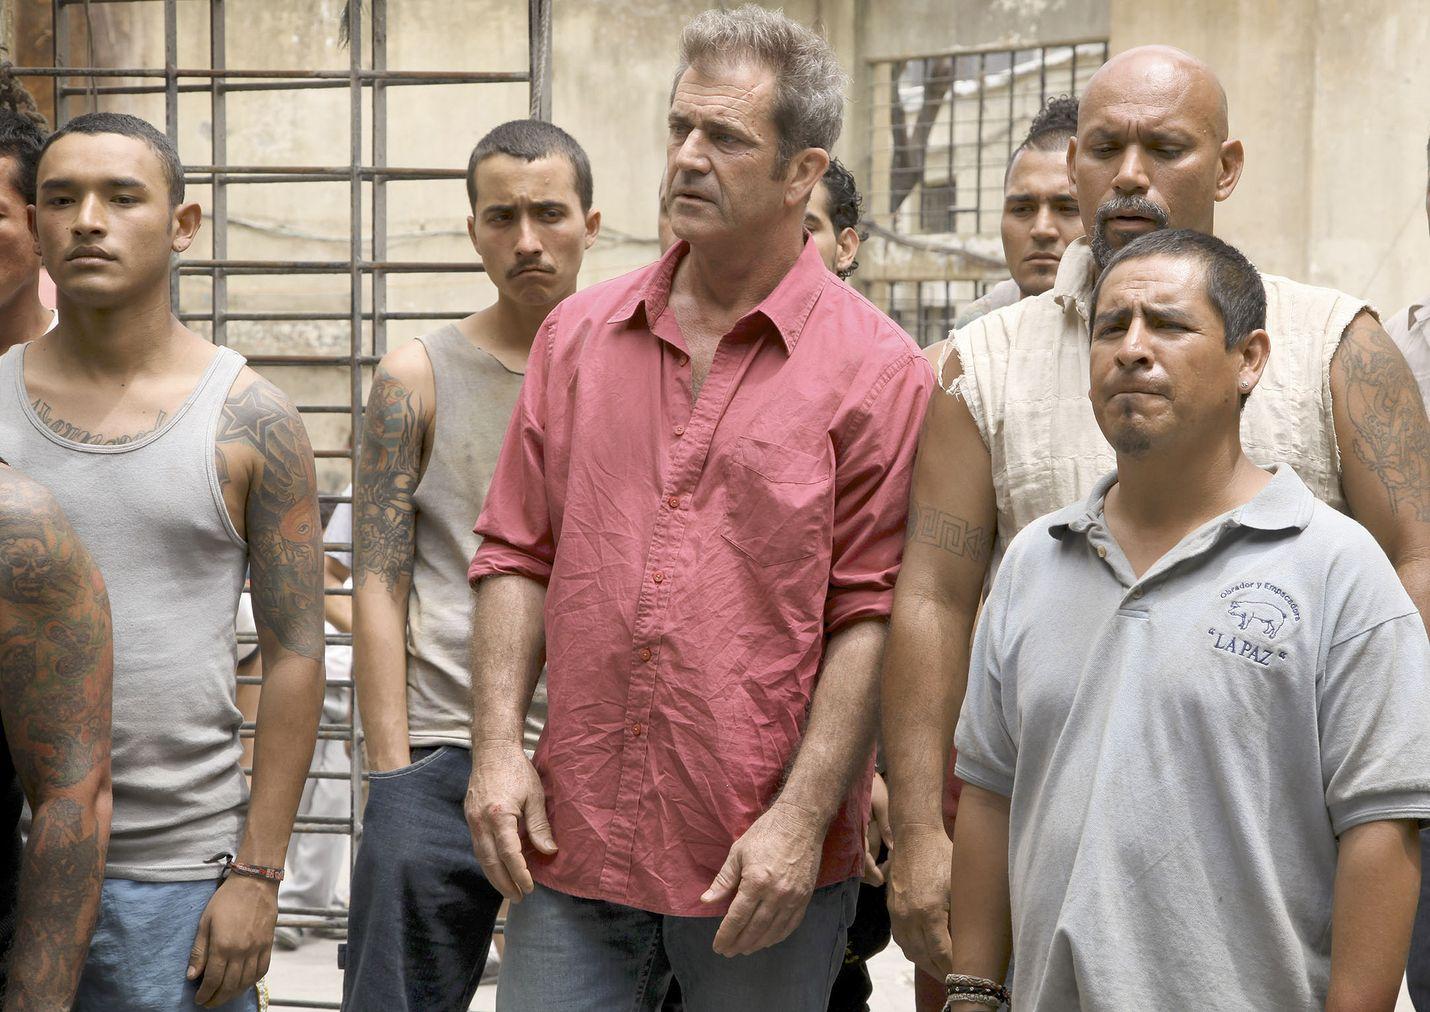 Toimintajännärissä Get the Gringo kulunut ammattirikollinen (Mel Gibson) suljetaan pahamaineiseen meksikolaiseen vankilaan, josta selviytyäkseen hänen on otettava yllättäväksi liittolaisekseen 10-vuotias poika.